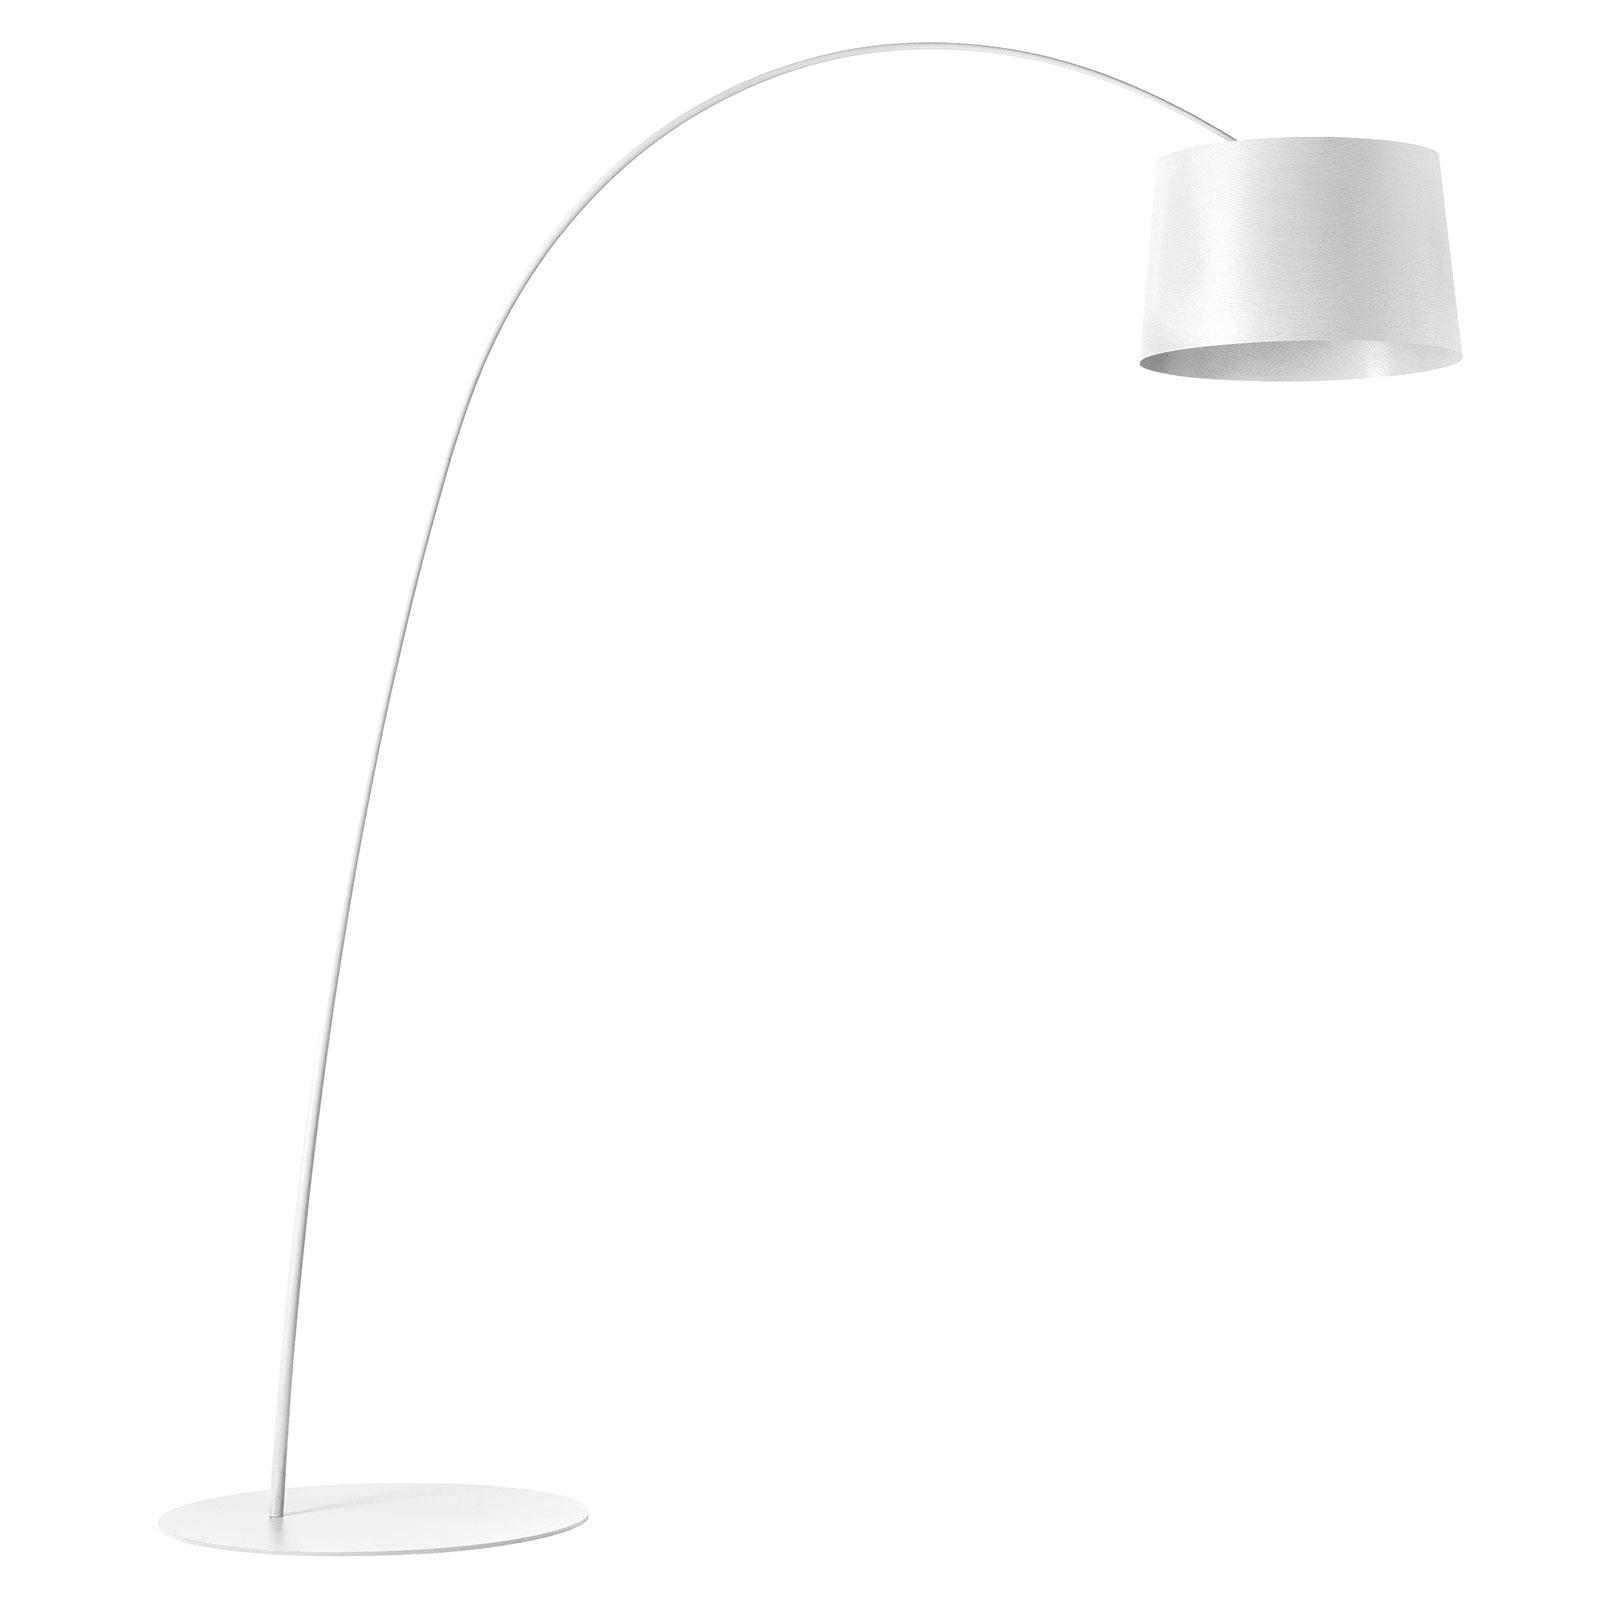 Foscarini Twiggy lampada LED ad arco, bianco